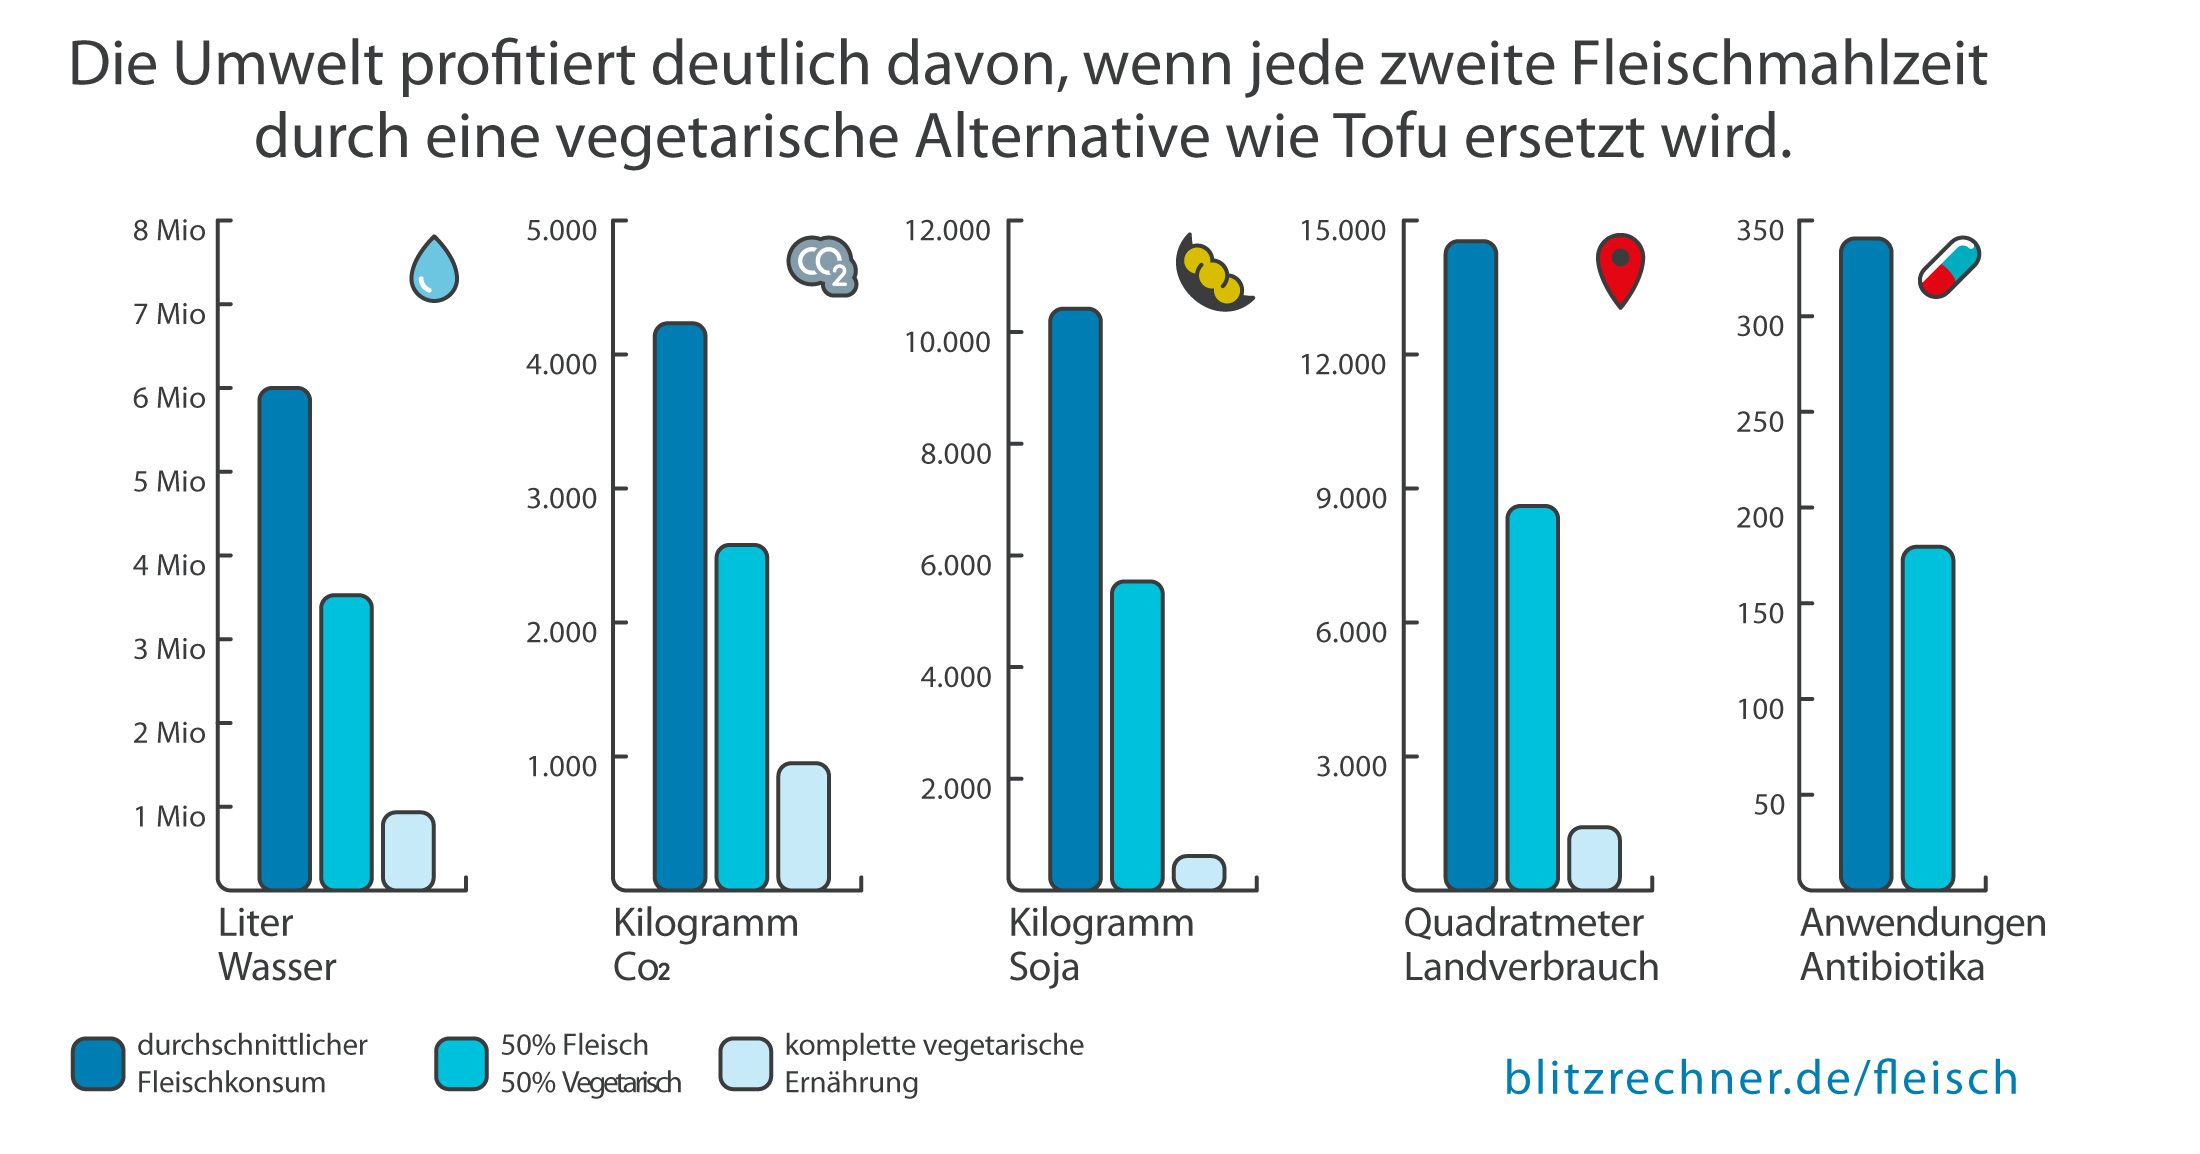 blitzrechner-fleischrechner-infografik-2200px